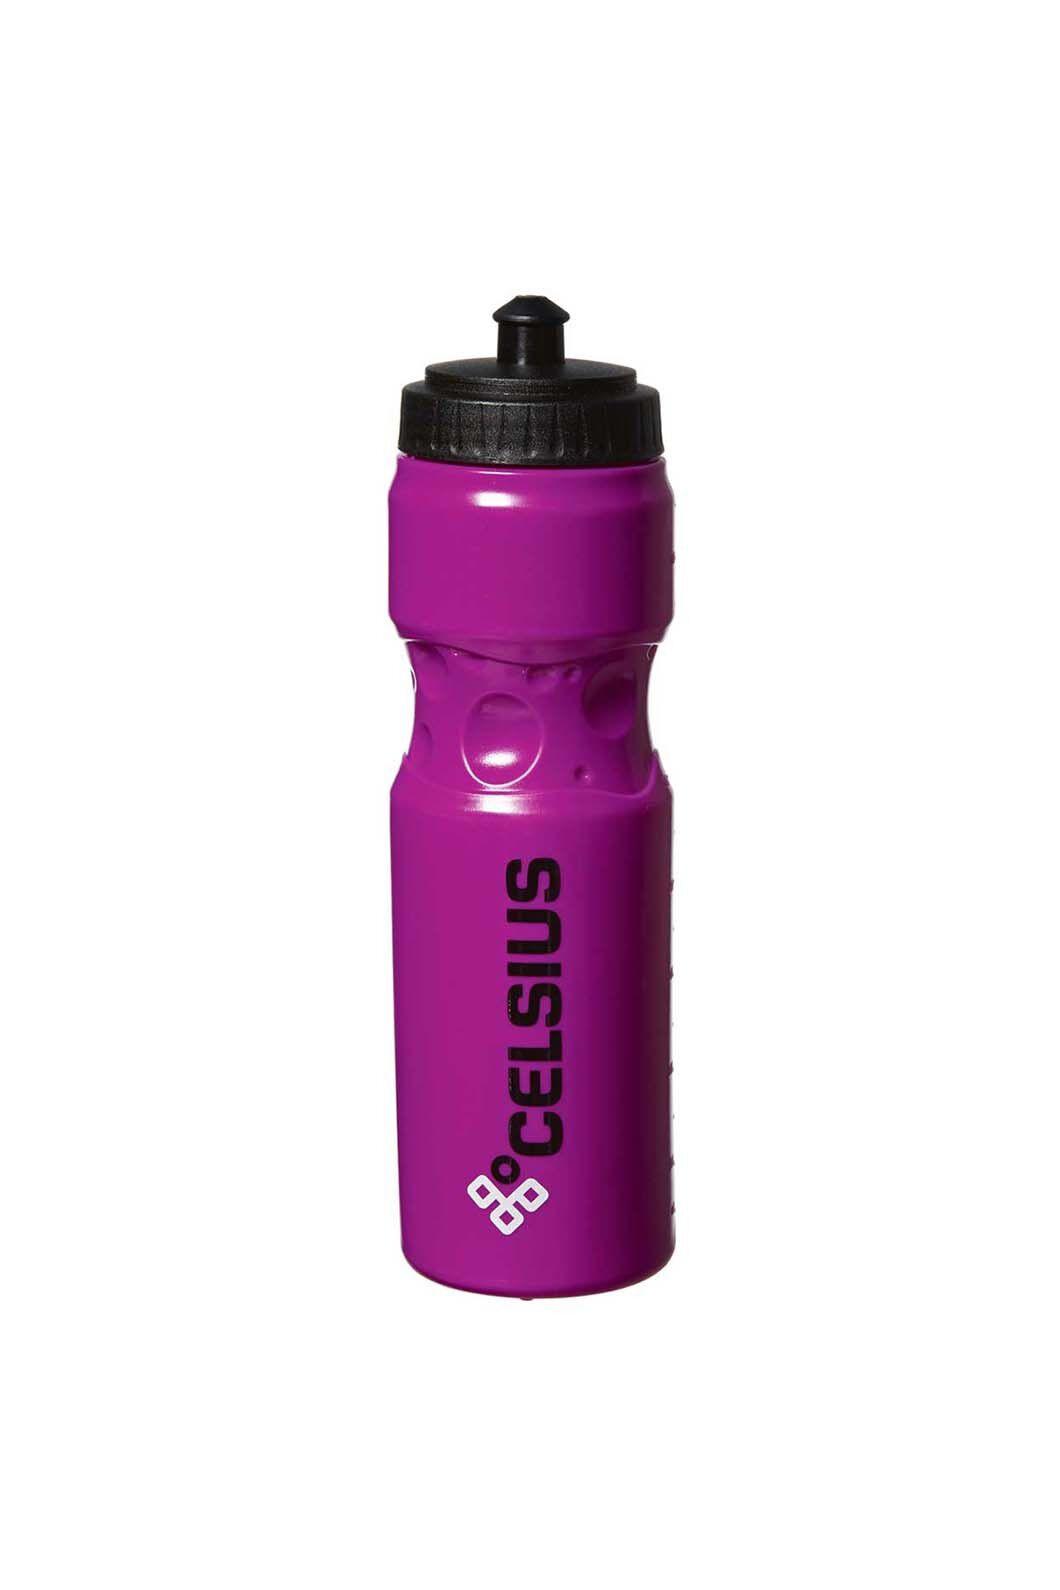 Celsius Squeezable 750ml Water Bottle, GRAPE, hi-res